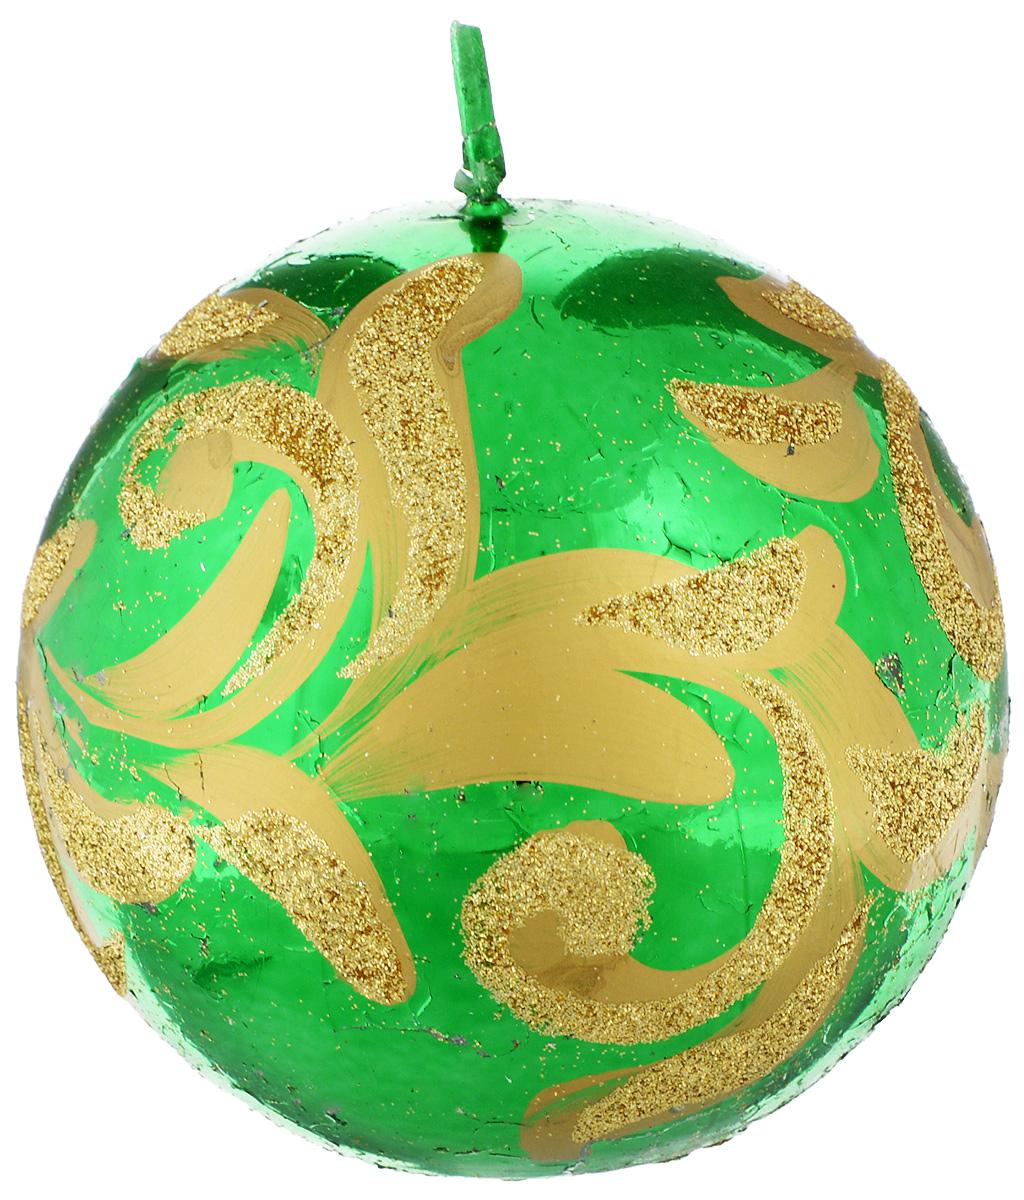 Свеча-шар Fem Флоренция, цвет: зеленый, золотой, диаметр 9 см0011/1097Свеча-шар Fem Флоренция изготовлена из парафина и декорирована изящным узором с блестками. Такая свеча станет изысканным украшением интерьера. Она принесет в ваш дом волшебство и ощущение праздника. Создайте в своем доме атмосферу веселья и радости, и тогда самый обычный день с легкостью превратится в торжество.